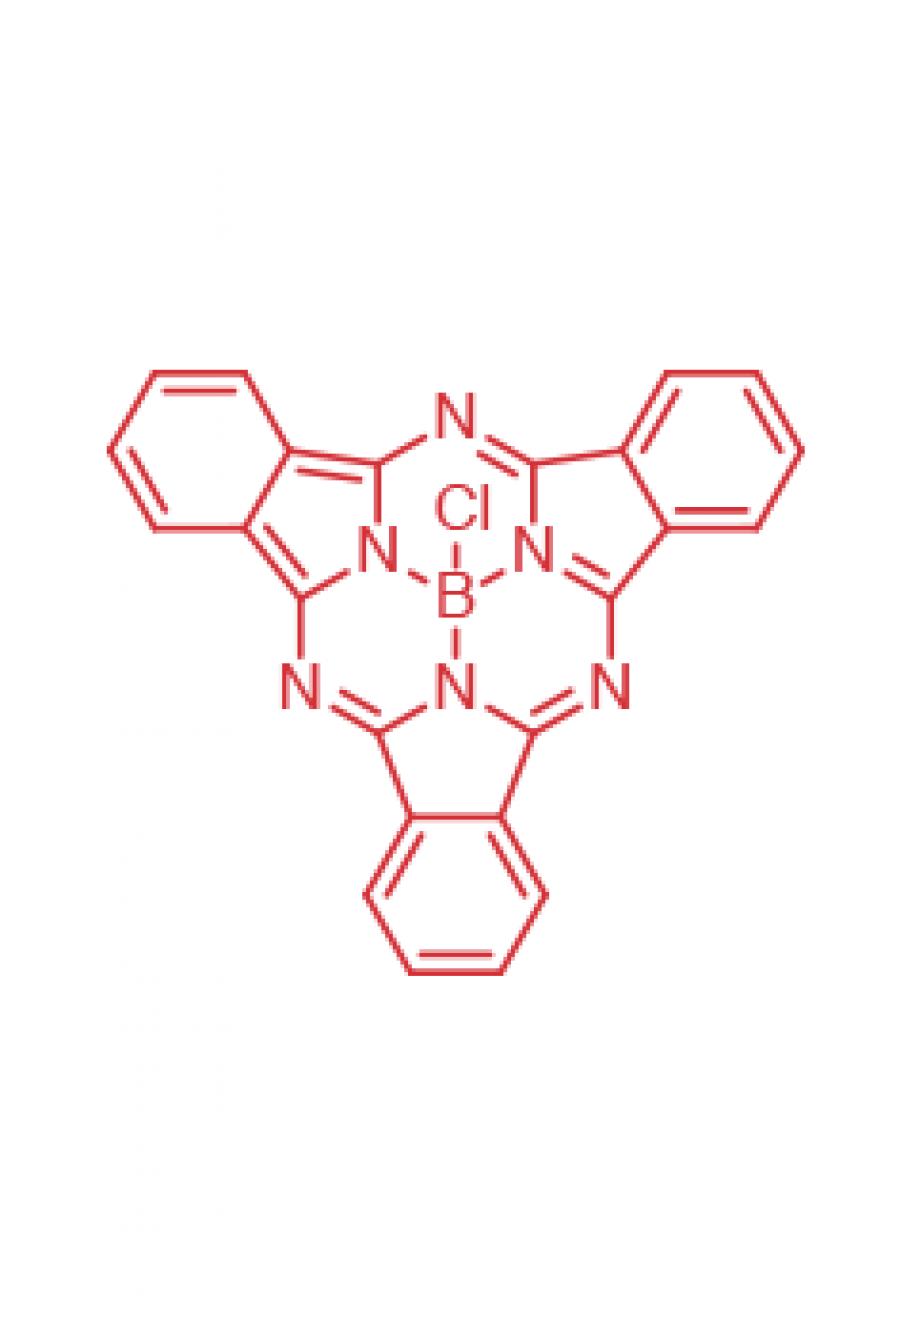 boron subphthalocyanine chloride